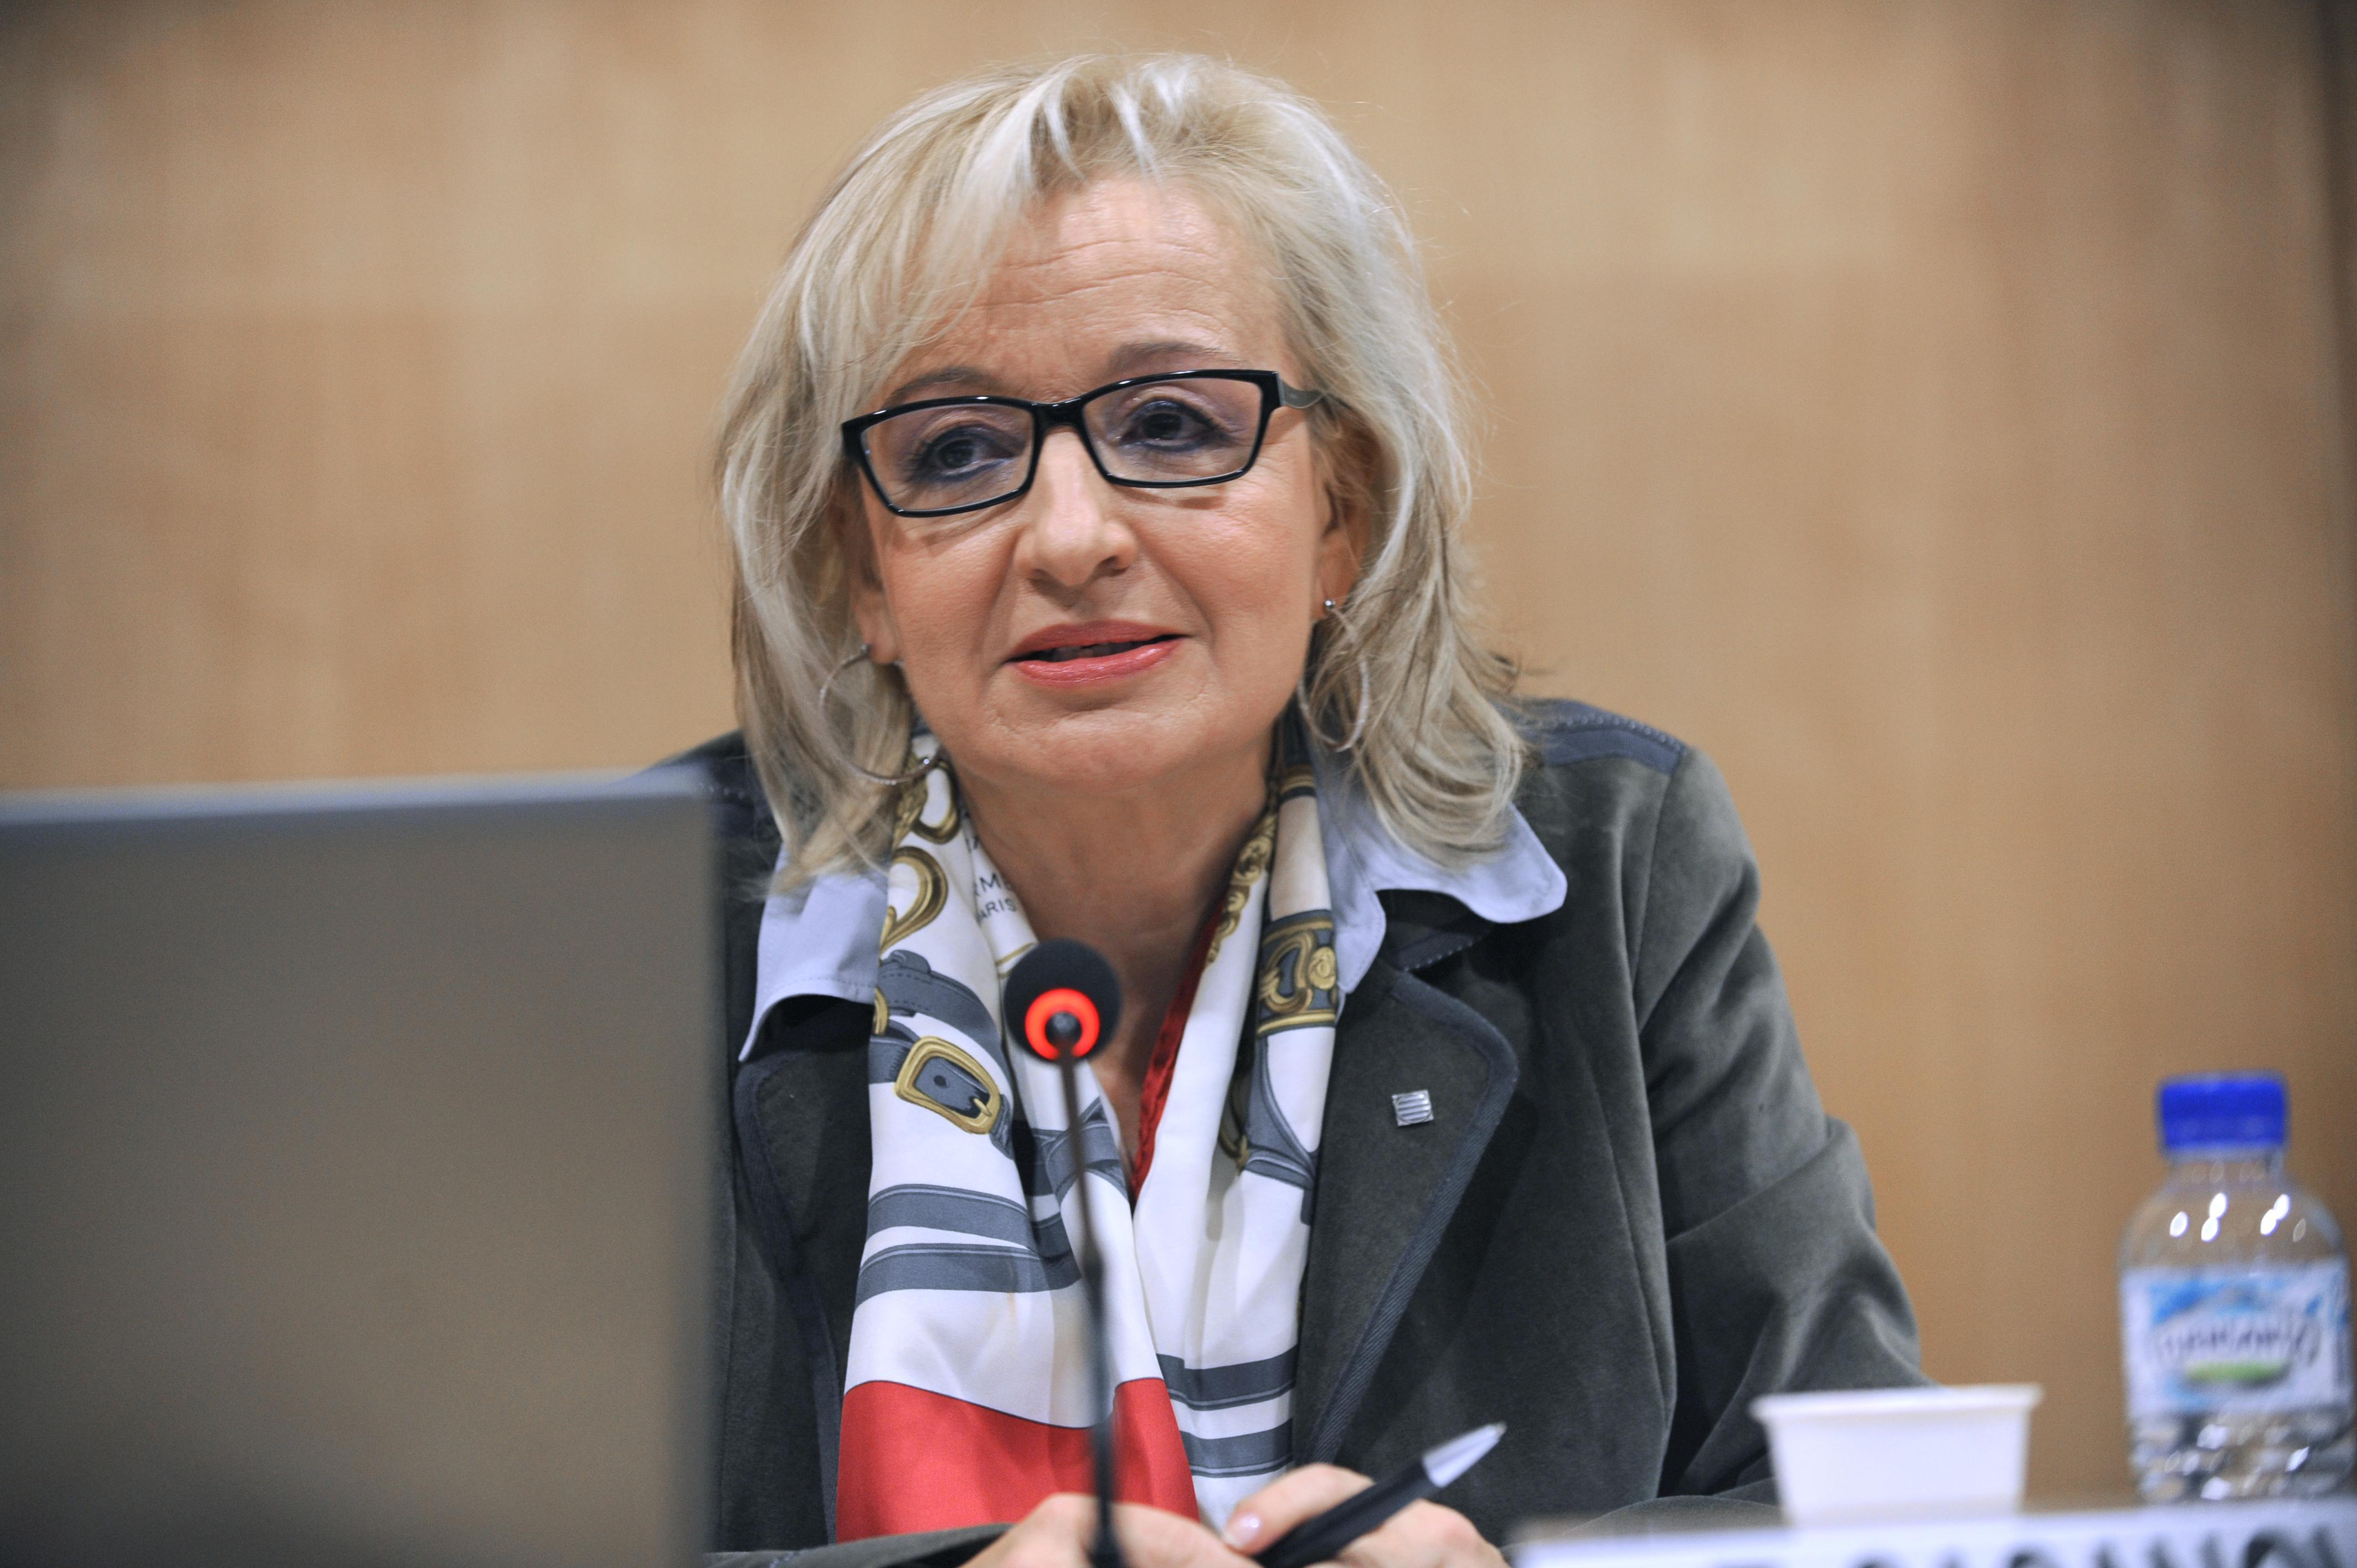 Teresa Casanovas